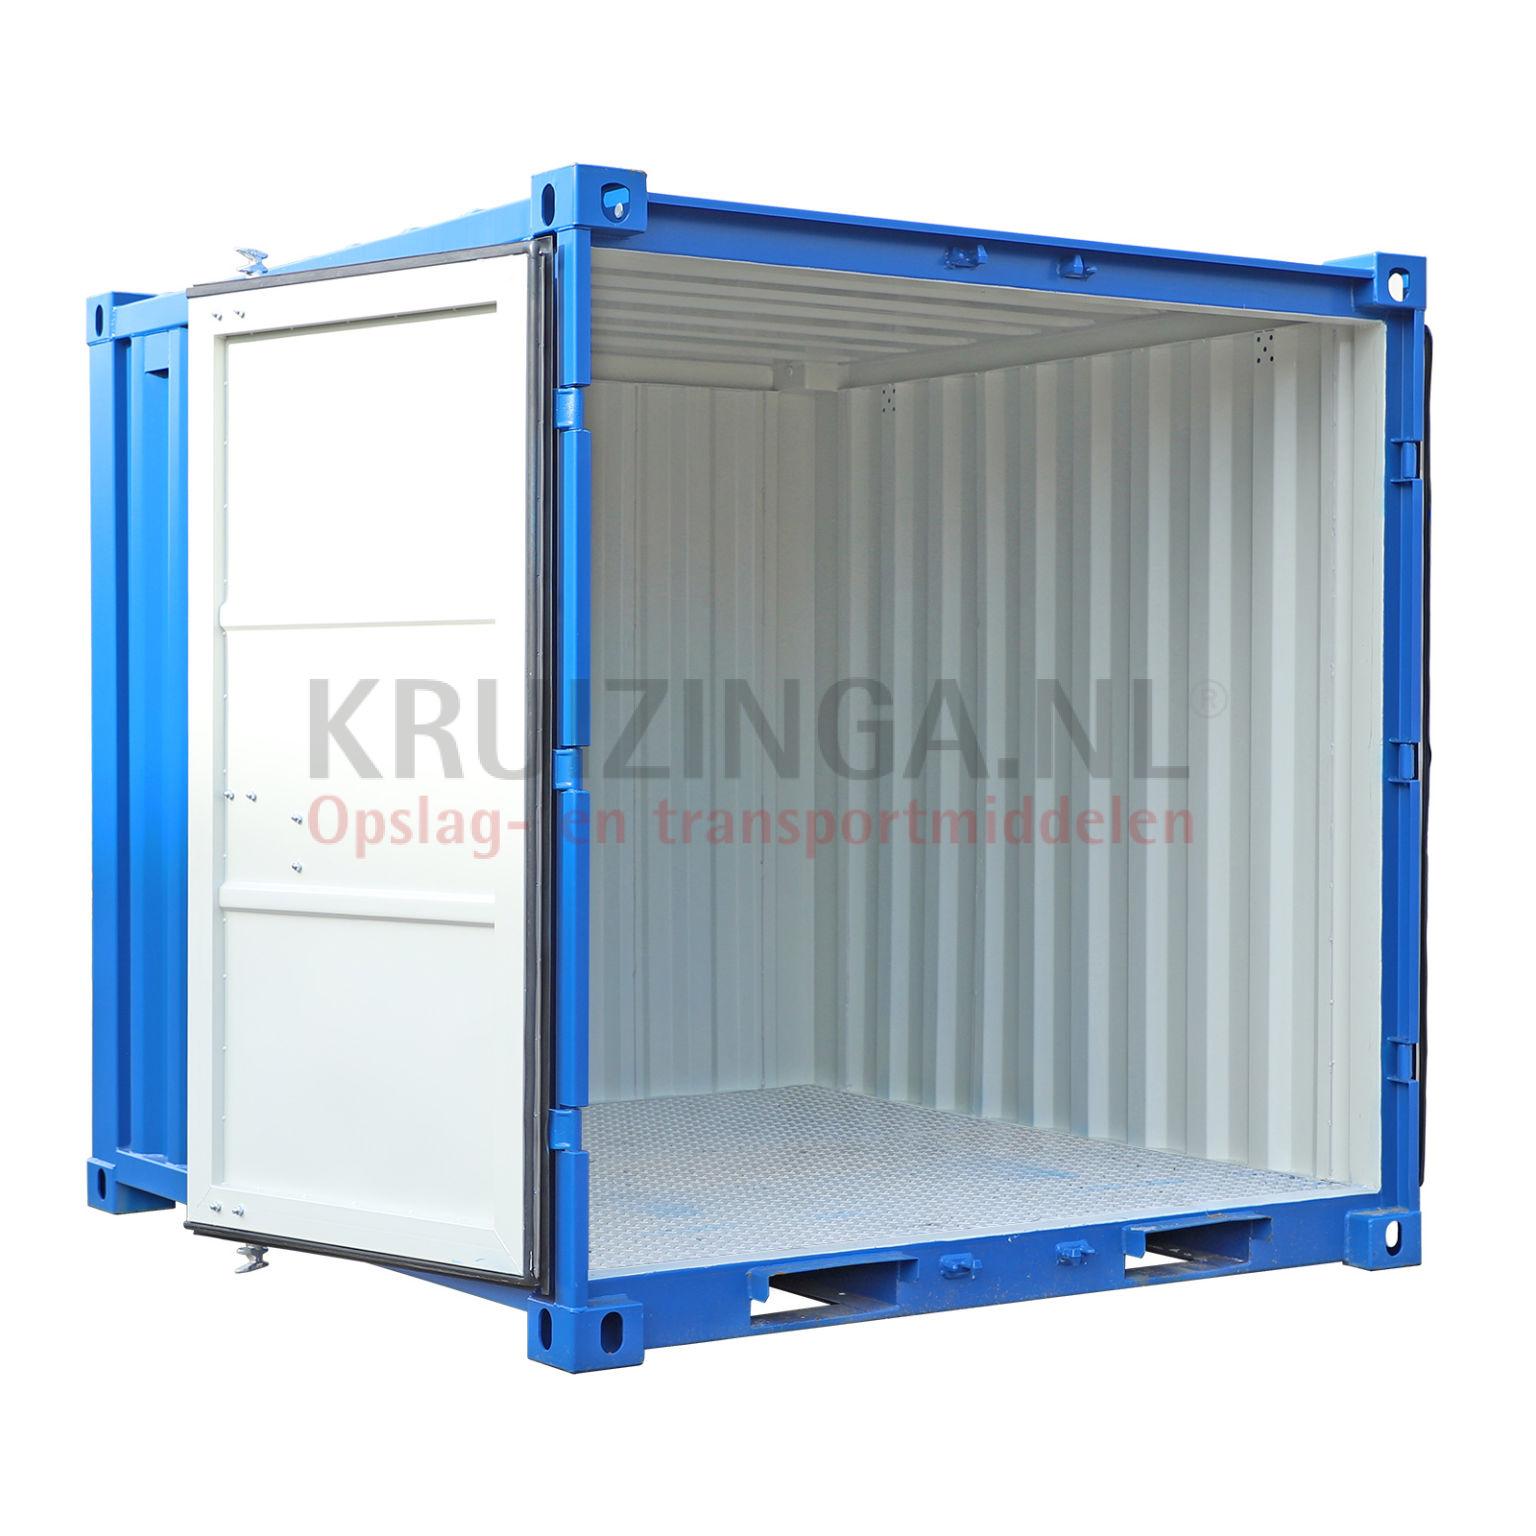 conteneur conteneur mat riel 8 ft partir de 2569 75 frais de livraison inclus. Black Bedroom Furniture Sets. Home Design Ideas